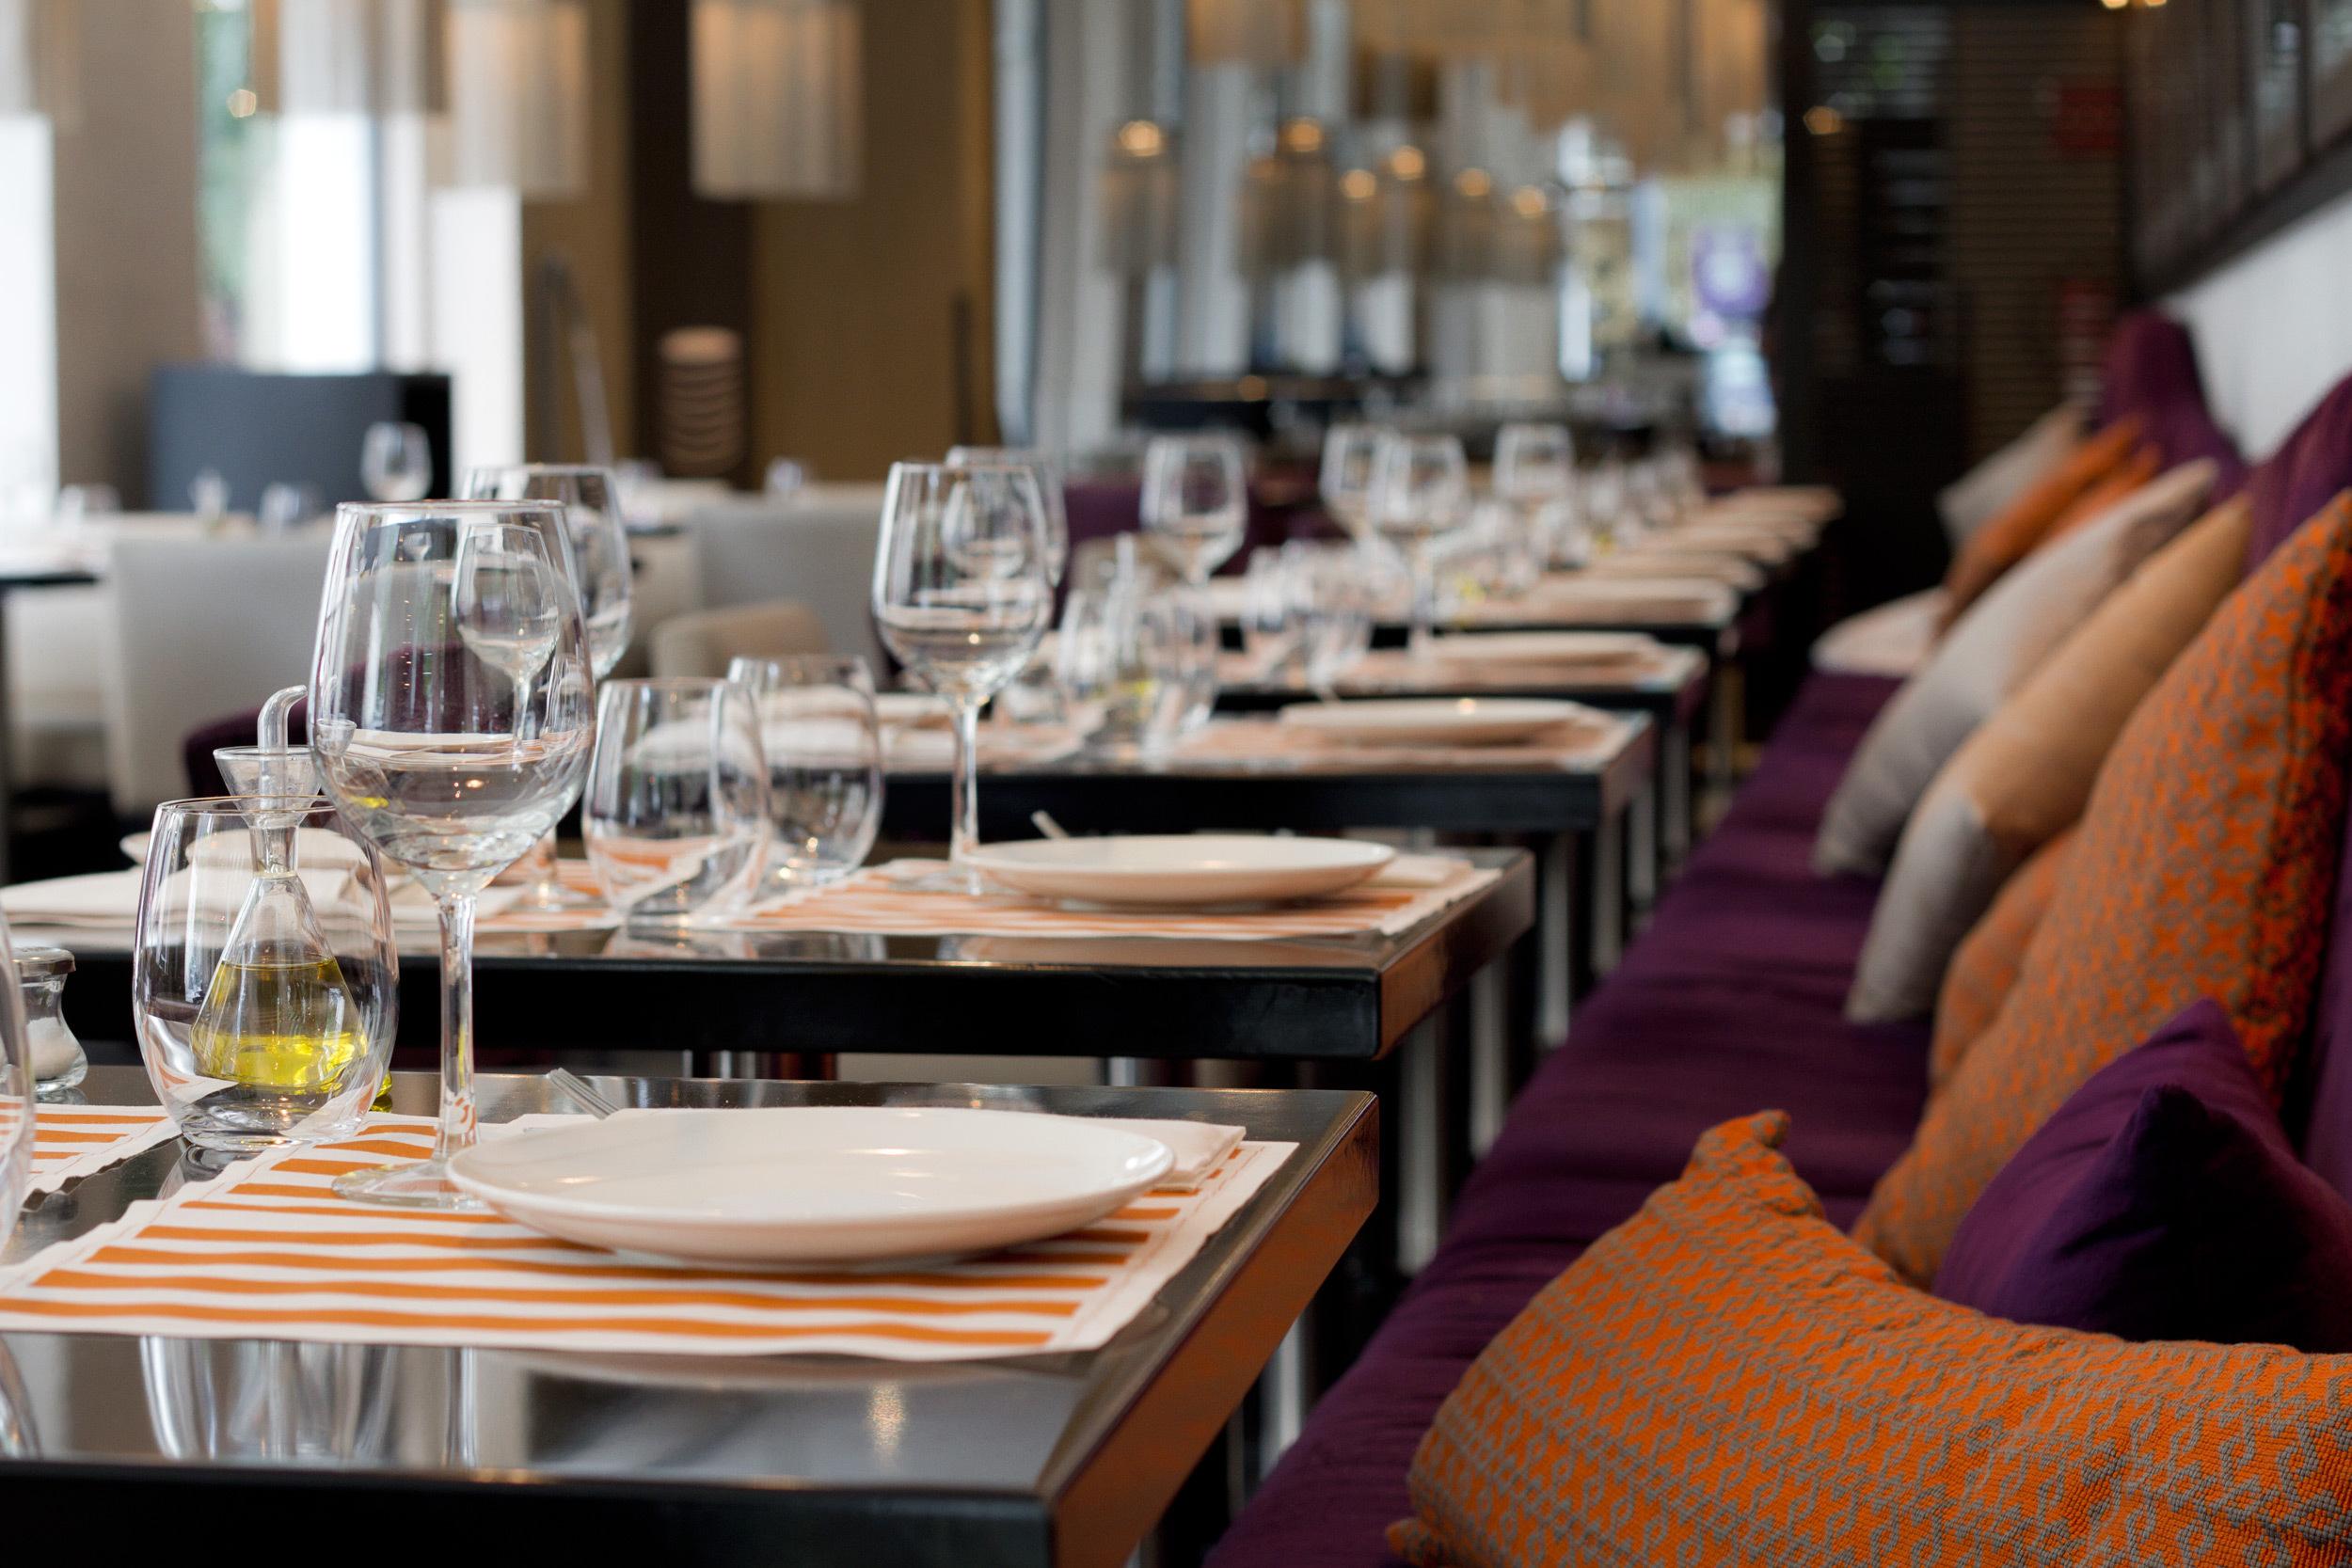 Restaurantnoves3.jpg